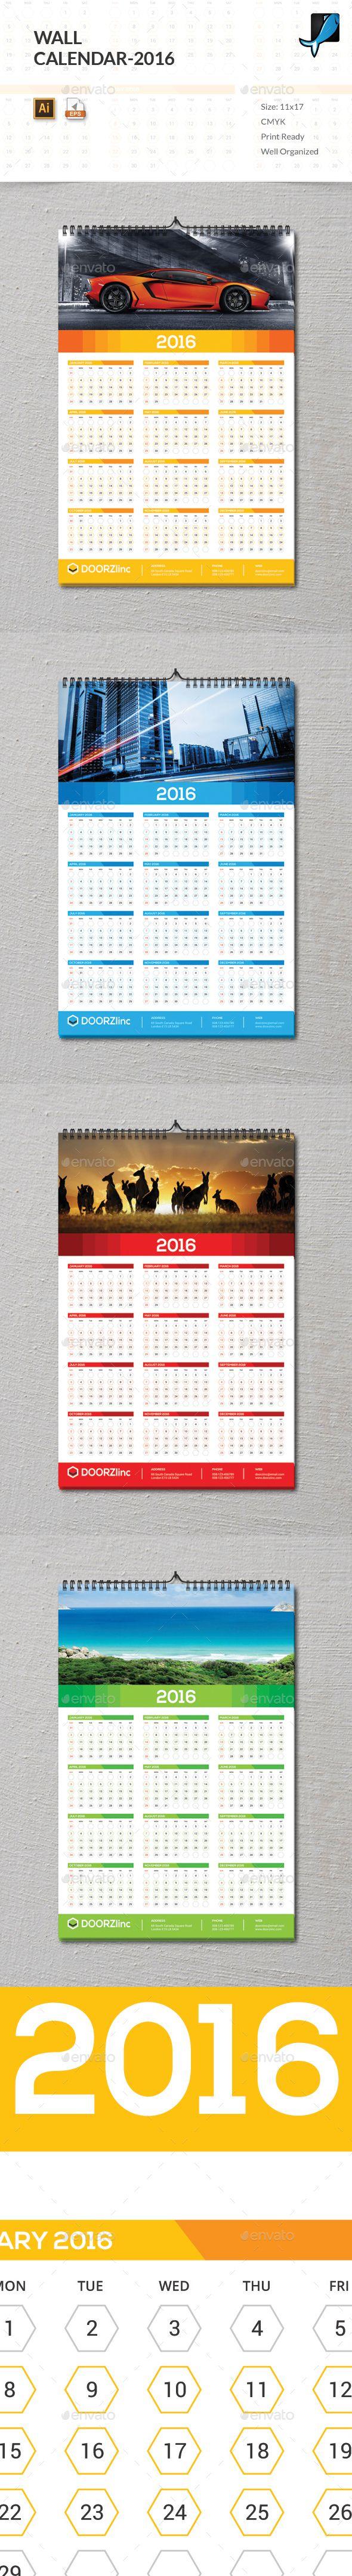 Wall calendar 2016 template vector eps ai design download http wall calendar 2016 template vector eps ai design download http saigontimesfo